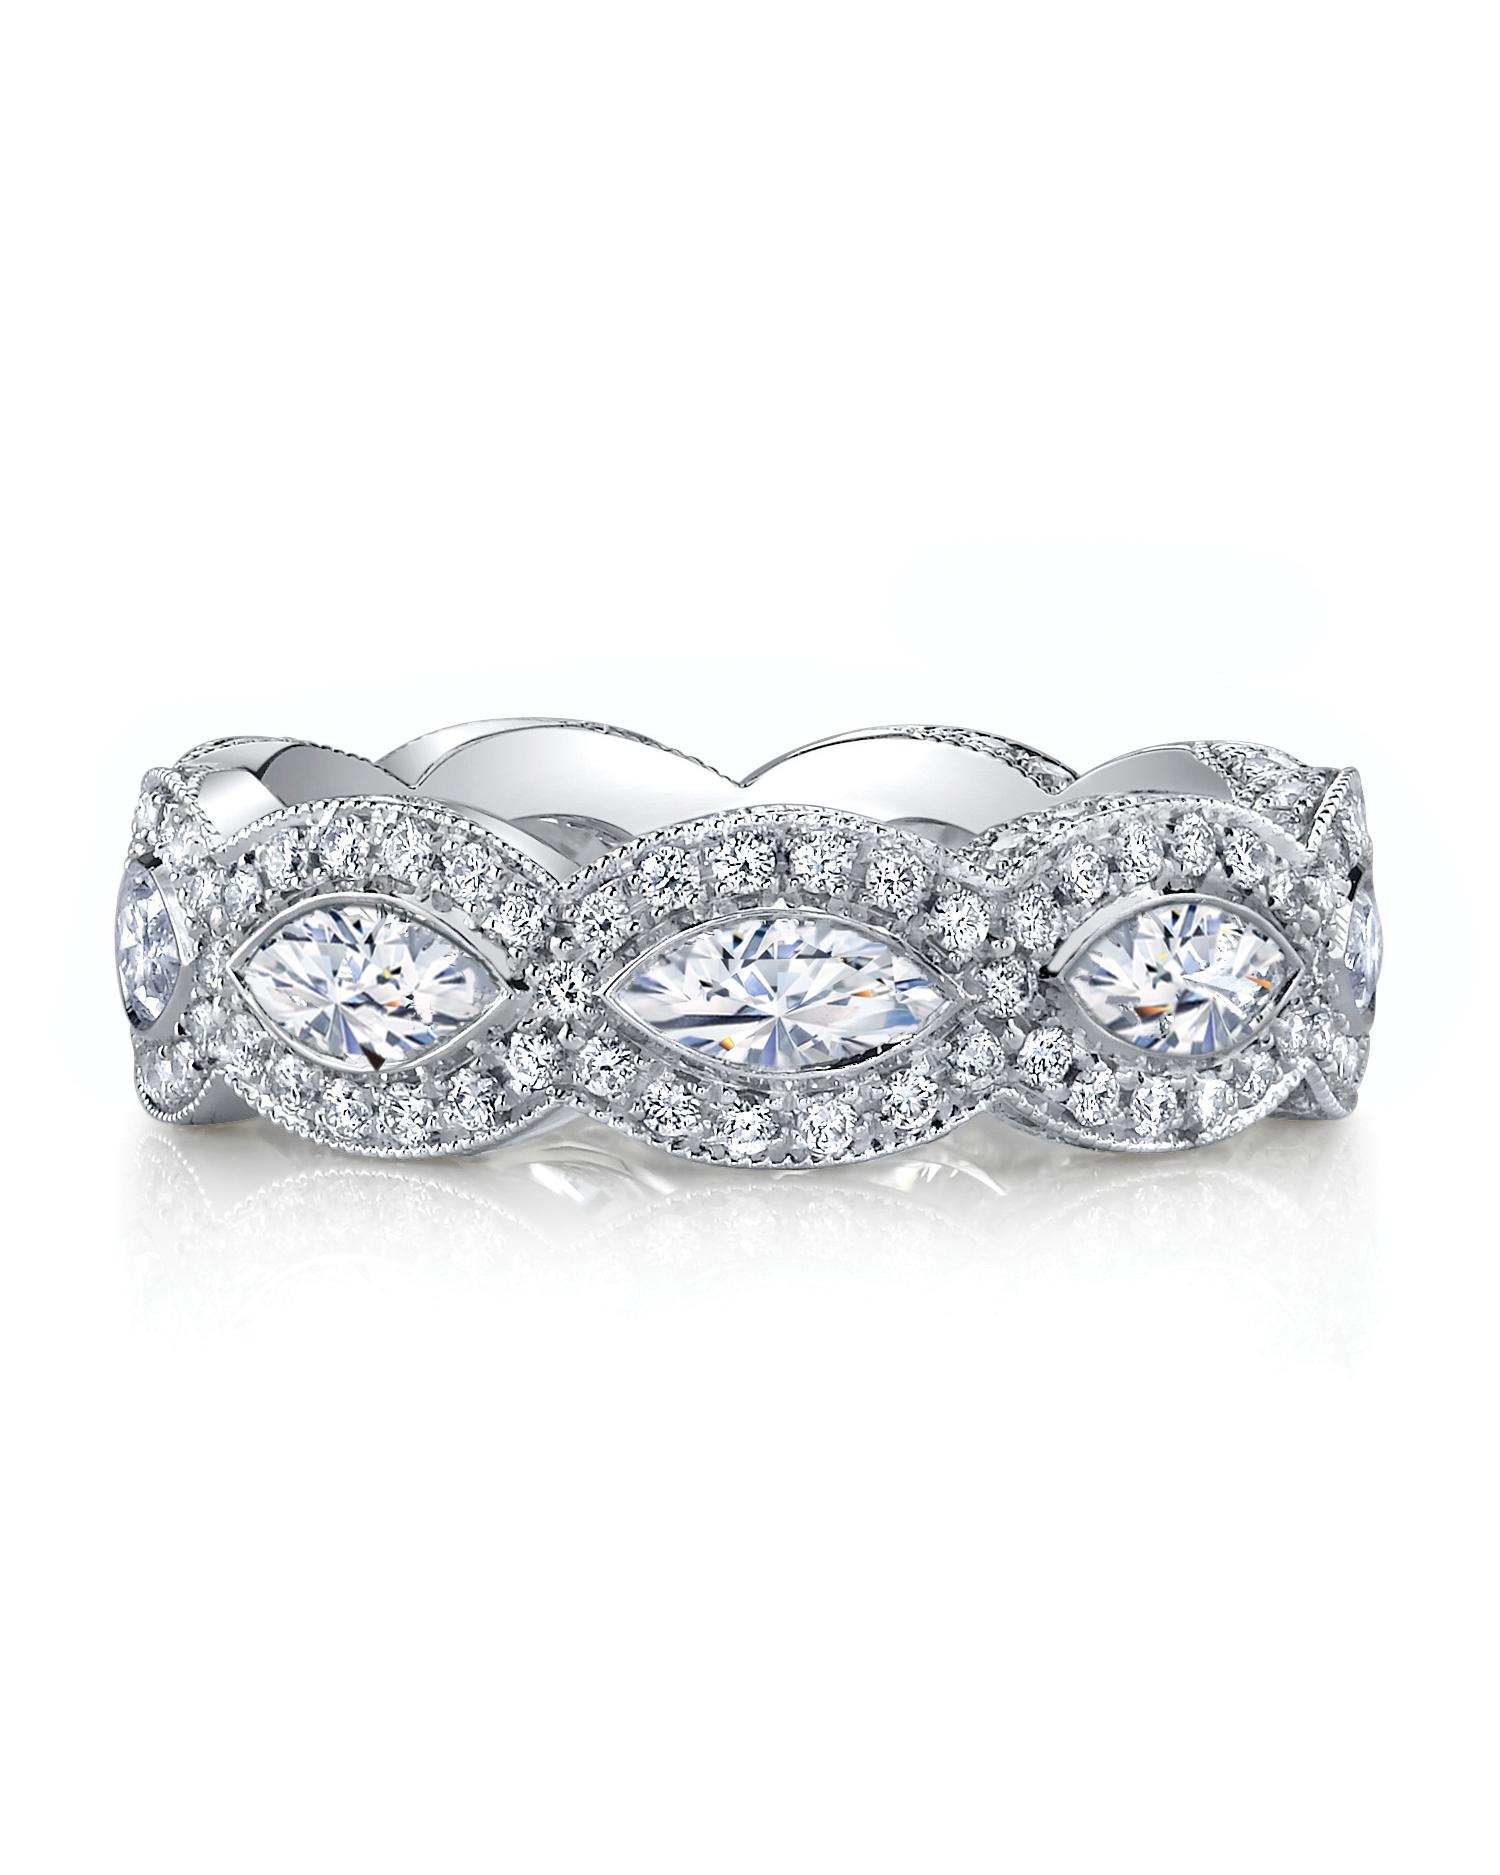 womens-wedding-bands-katharine-james-bellas-love-0415.jpg